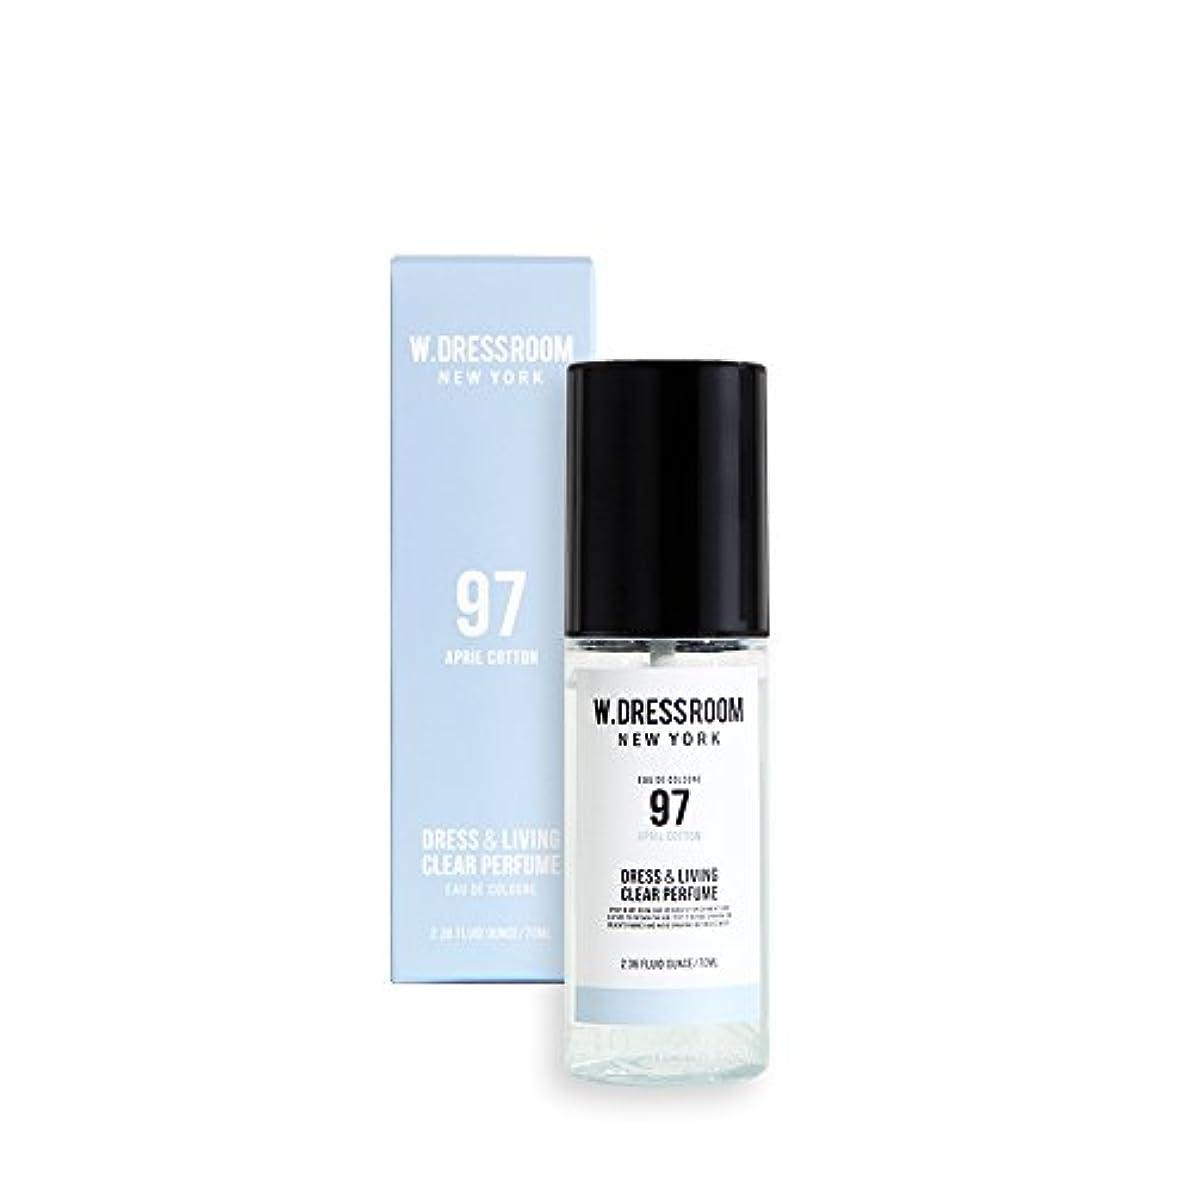 鋸歯状フォーマルクールW.DRESSROOM Dress & Living Clear Perfume 70ml/ダブルドレスルーム ドレス&リビング クリア パフューム 70ml (#No.97 April Cotton) [並行輸入品]